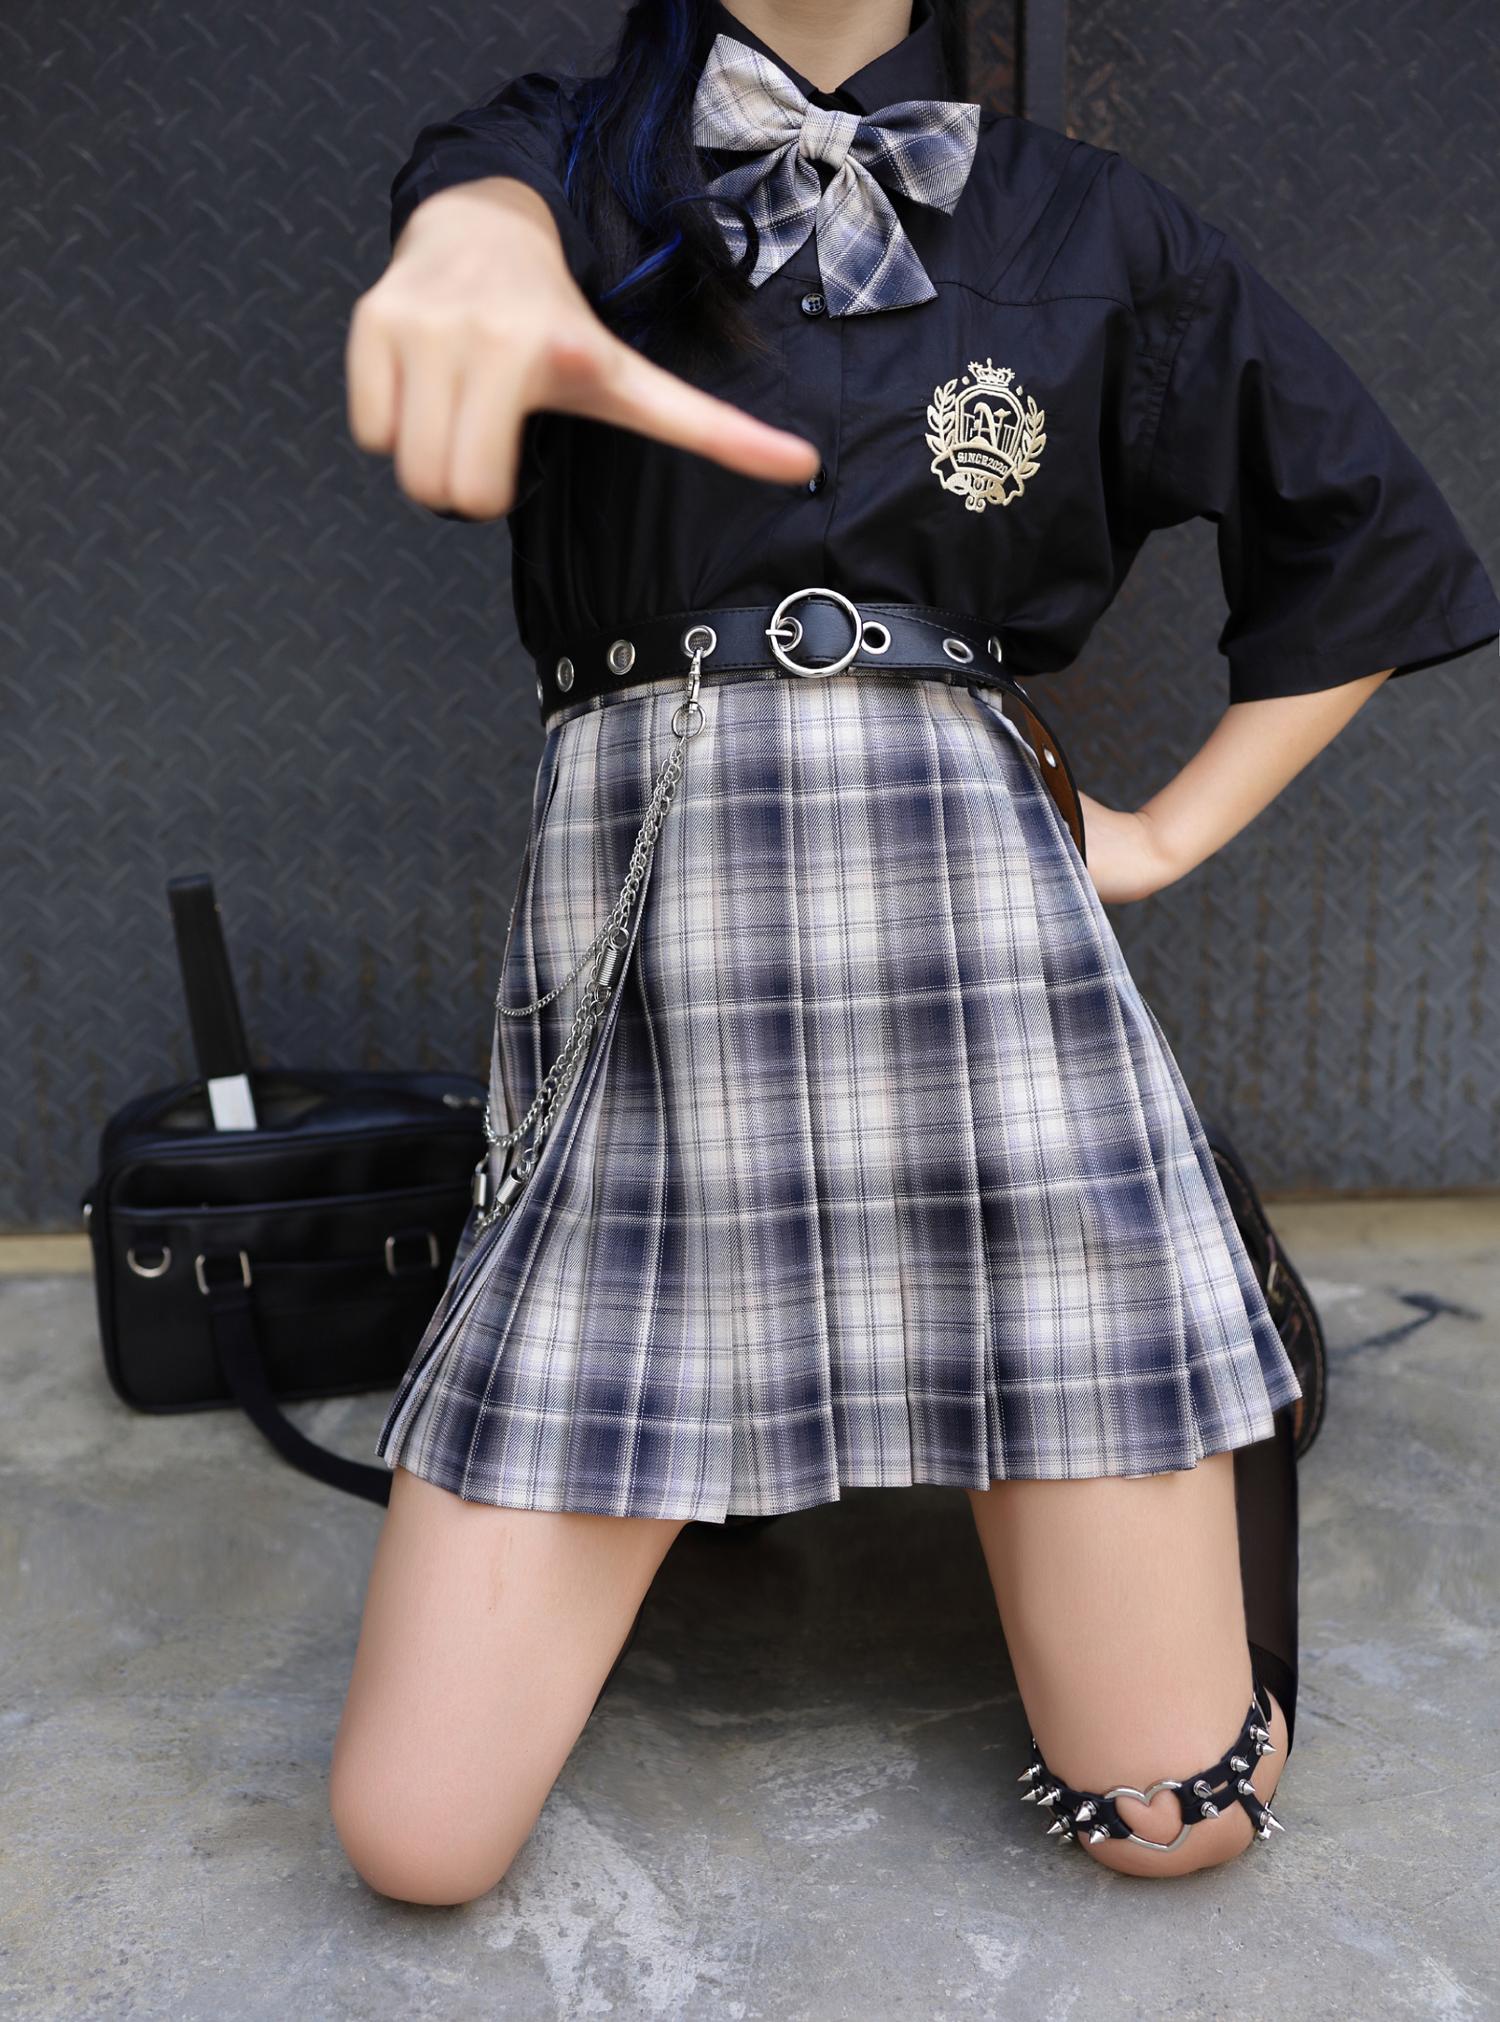 现货掉落 狙击之夜 JK制服裙正版原创少女格子西式短裙百褶鹿小野图片